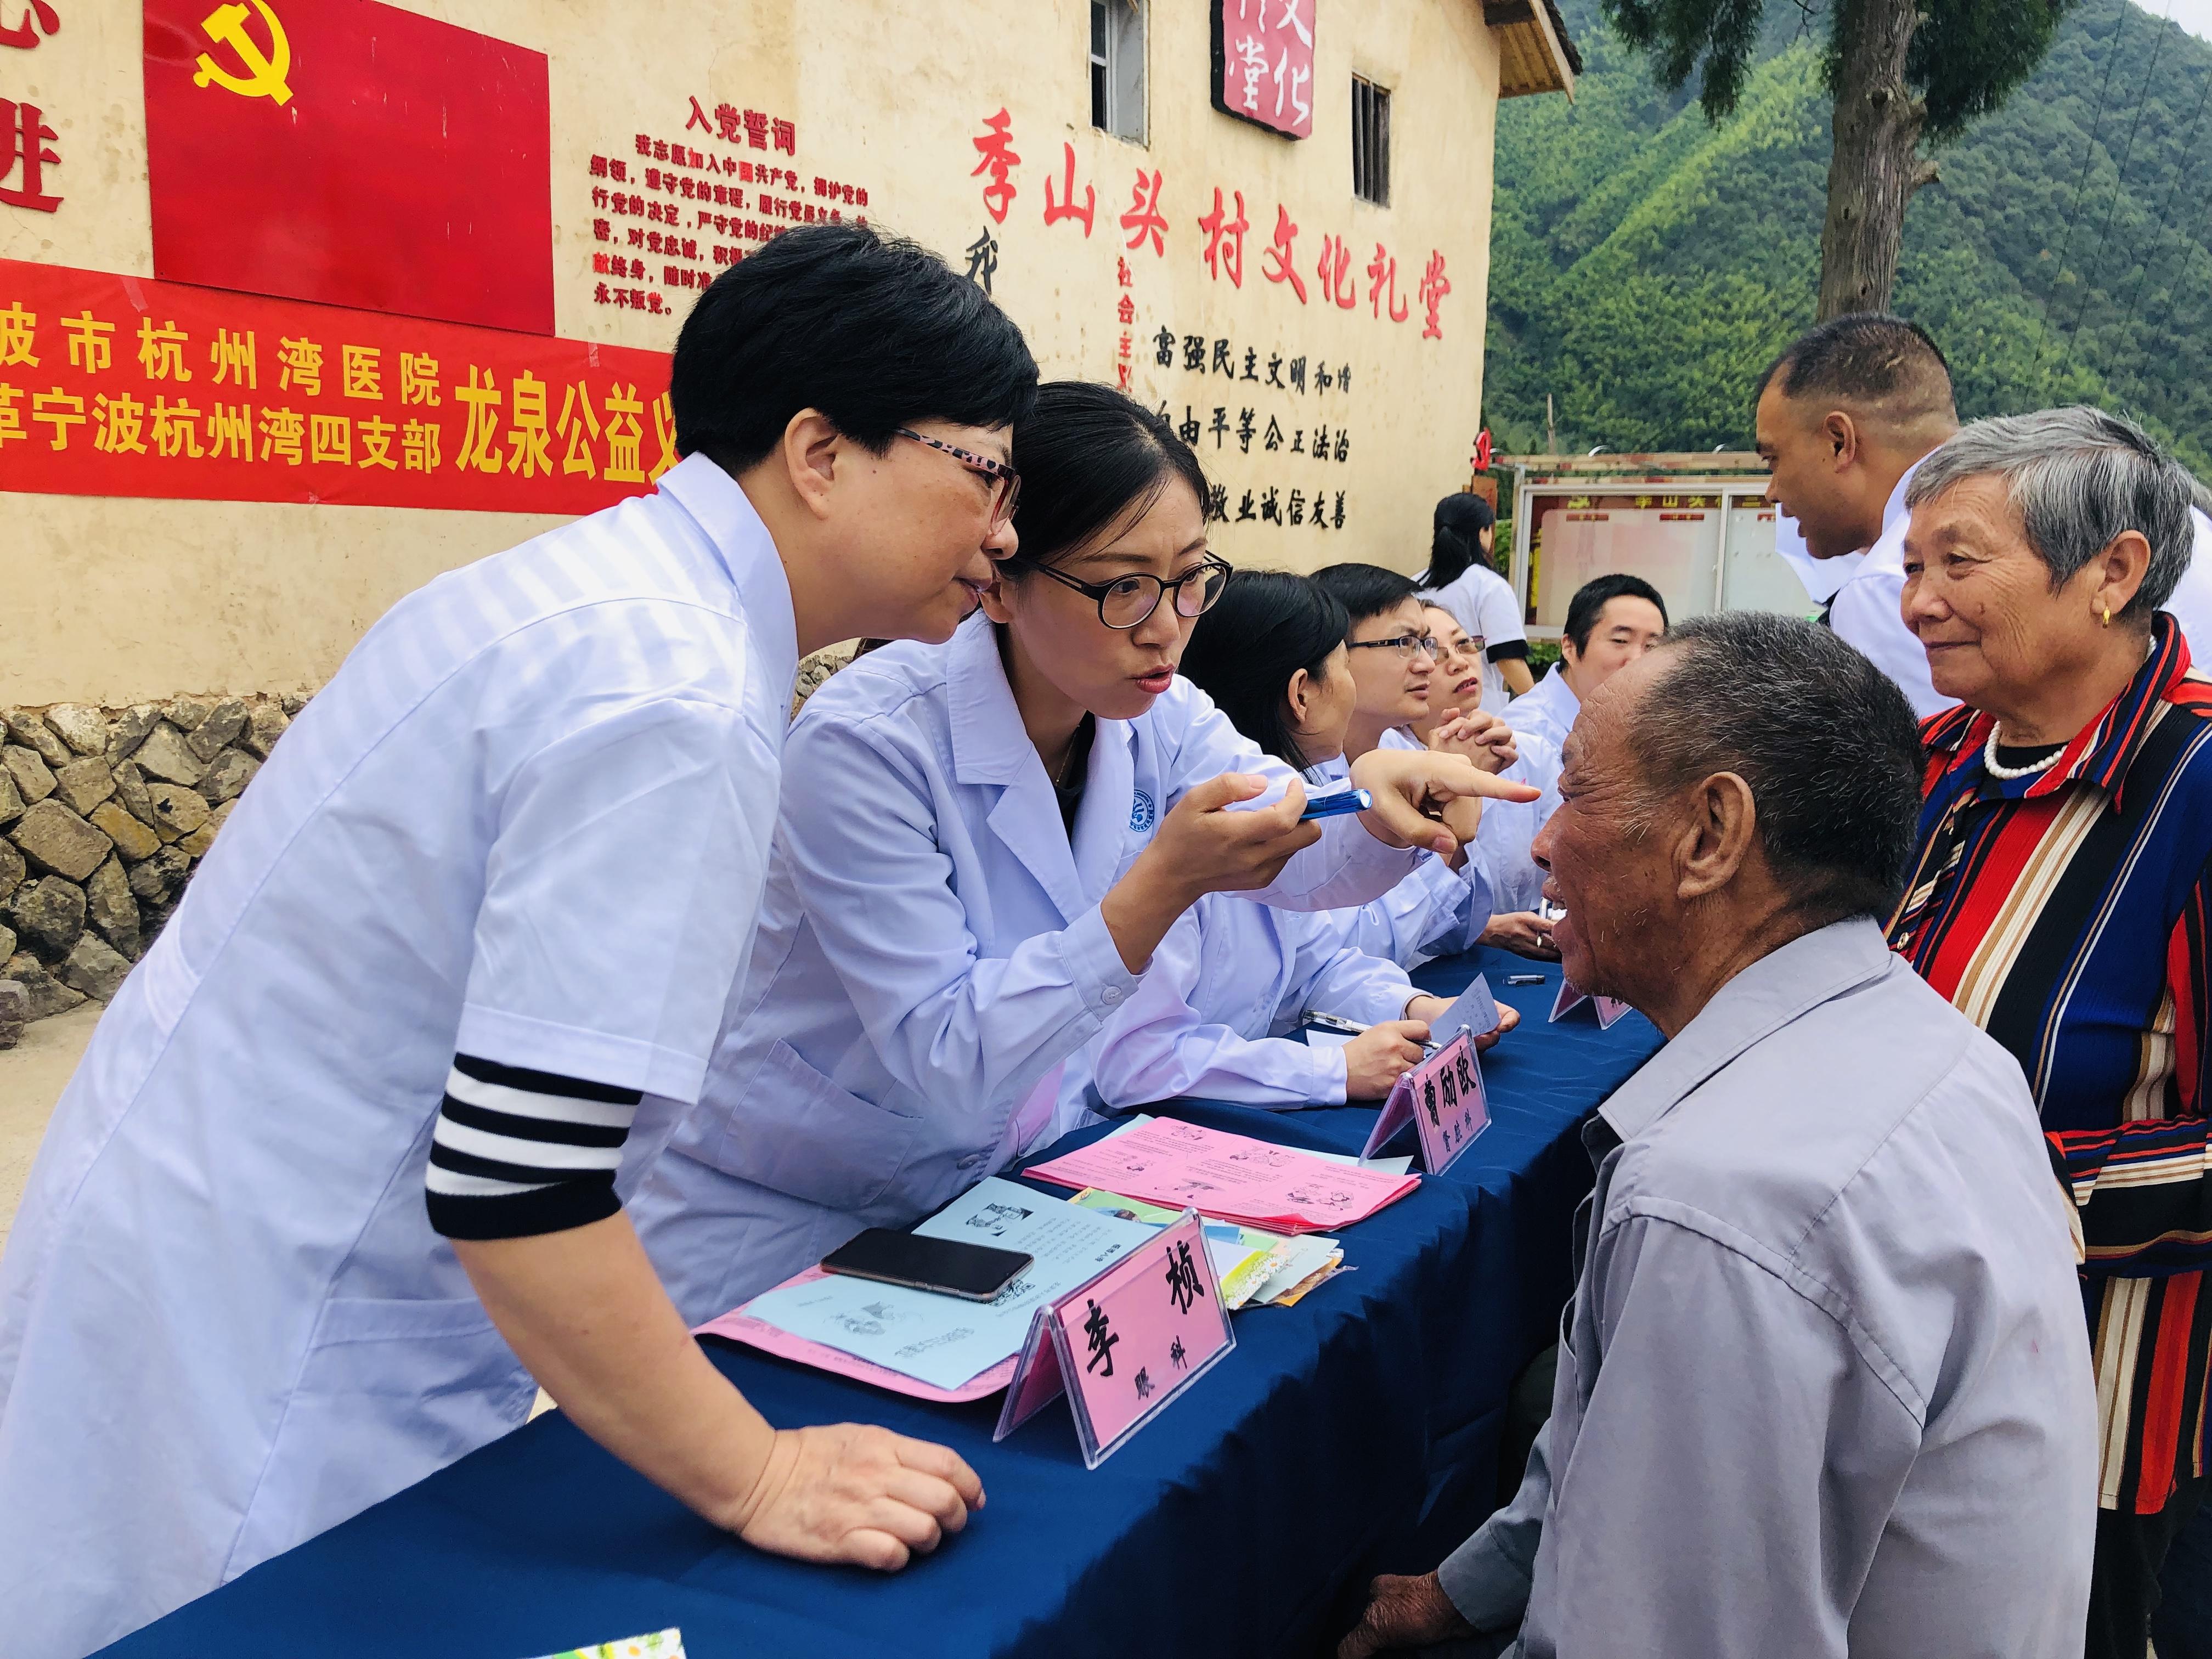 宁波杭州湾新区在龙挂职干部组织爱心人士、专家开展助学和义诊活动